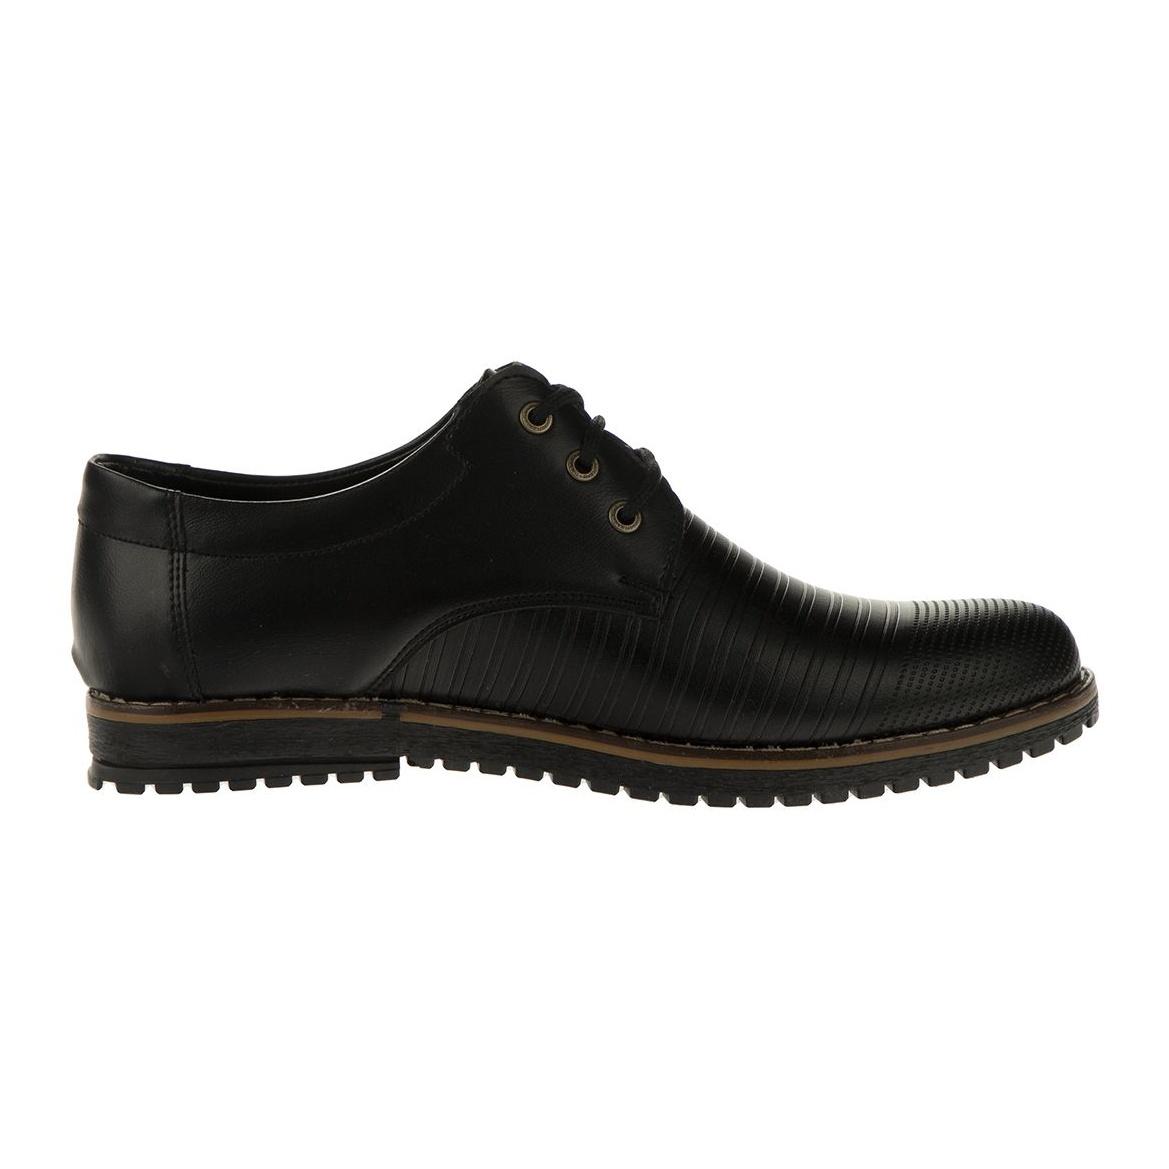 کفش مردانه سفیر مدل K.baz.010 main 1 2